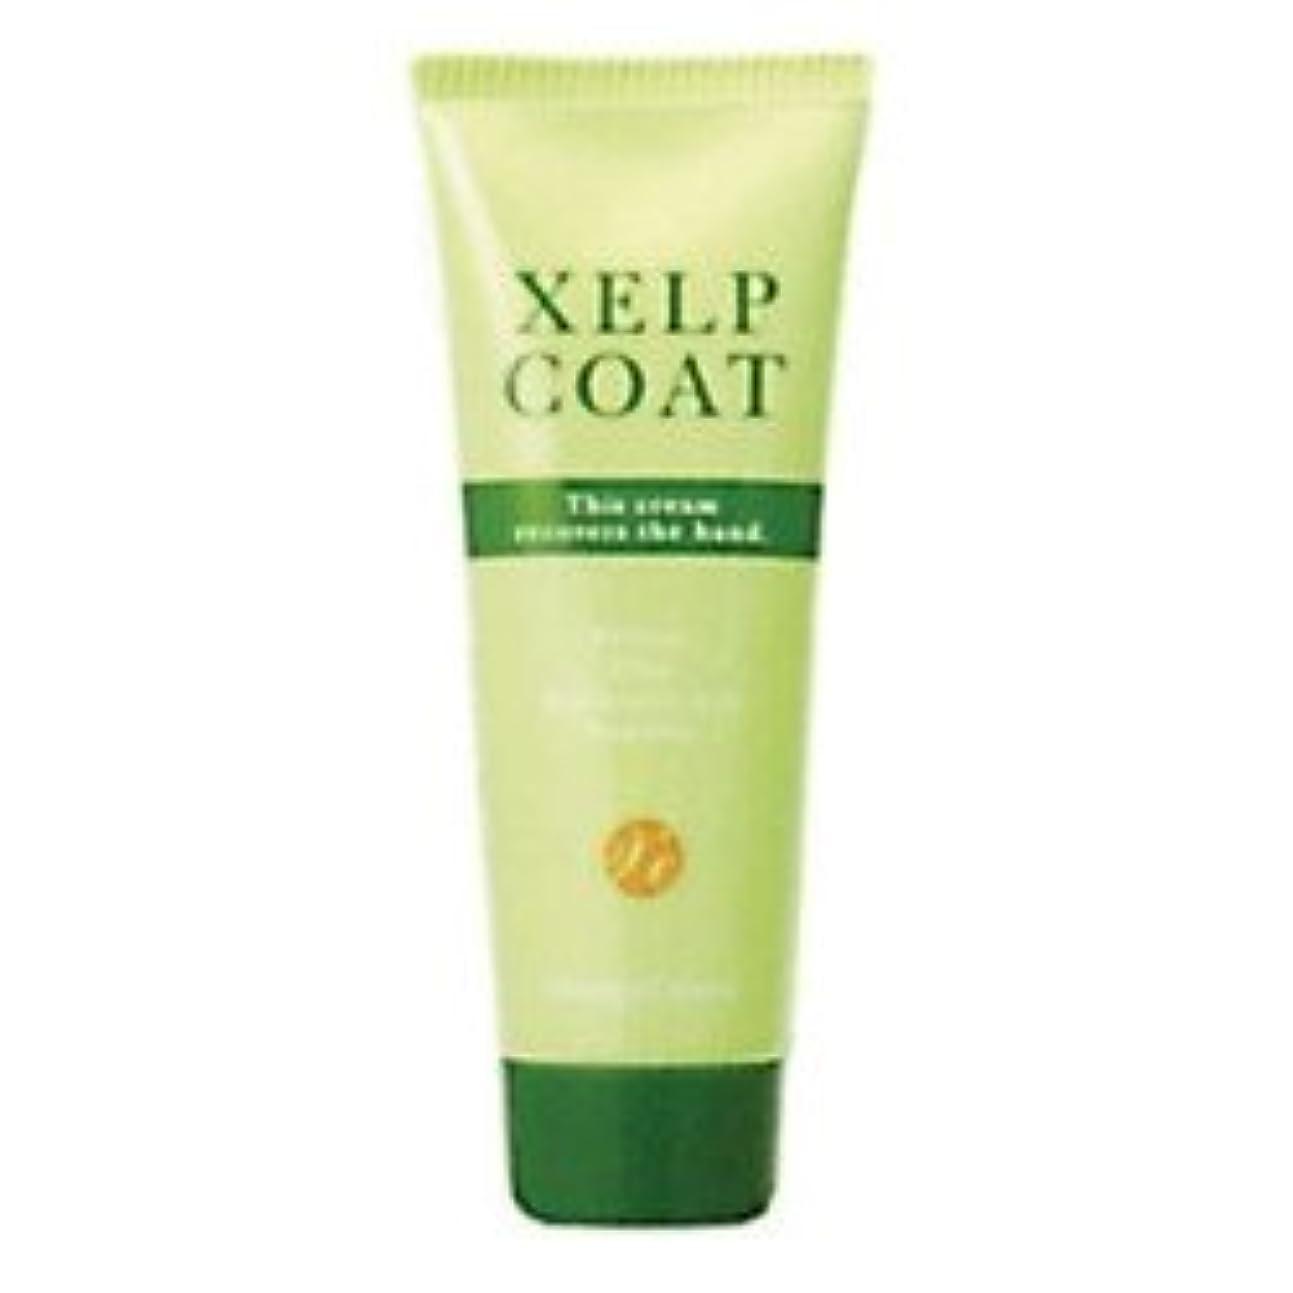 委員長キリマンジャロ上がるケイルコート 80g XELPCOAT 美容師さんのためのハンドクリーム